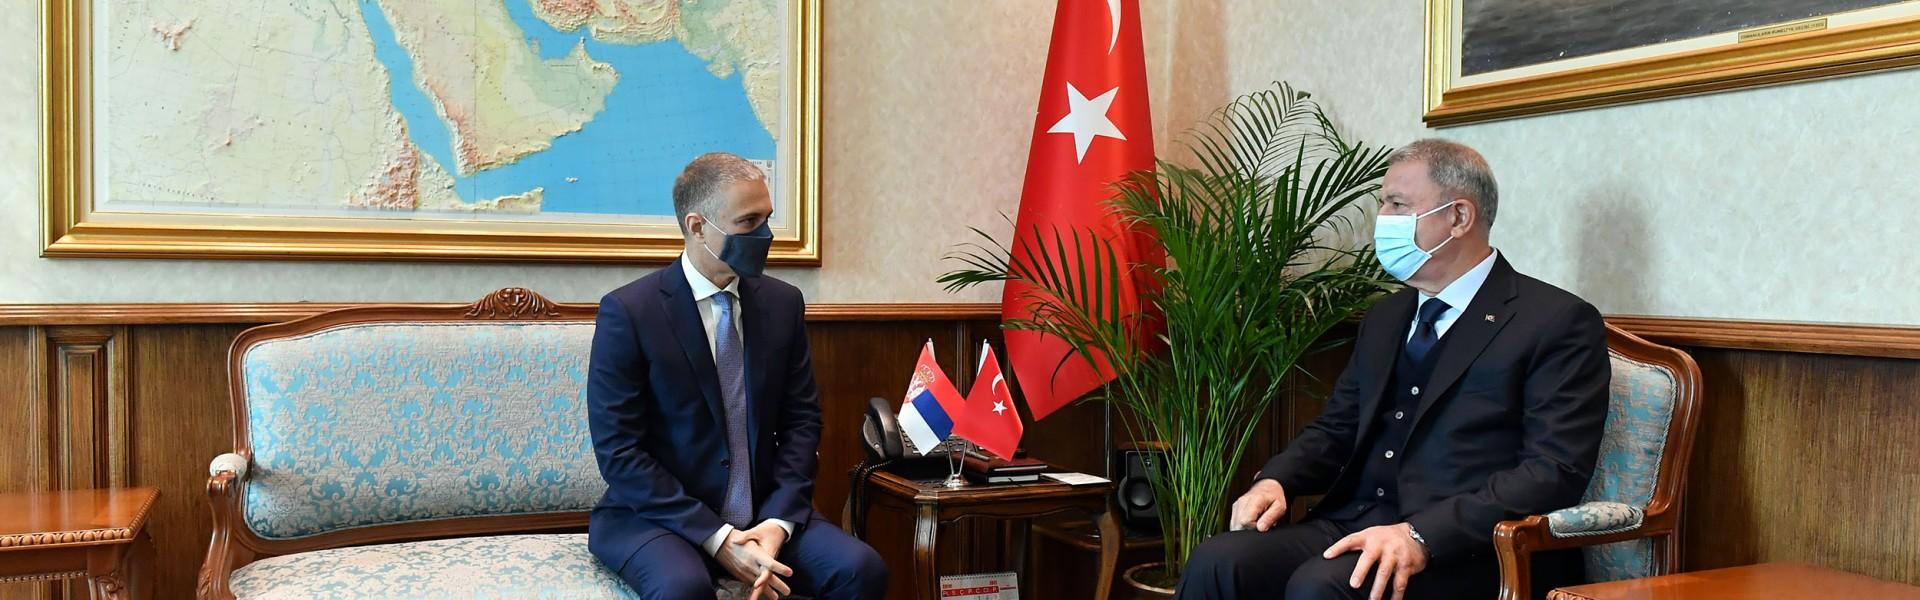 Састанак министара Стефановића и Акара у Анкари